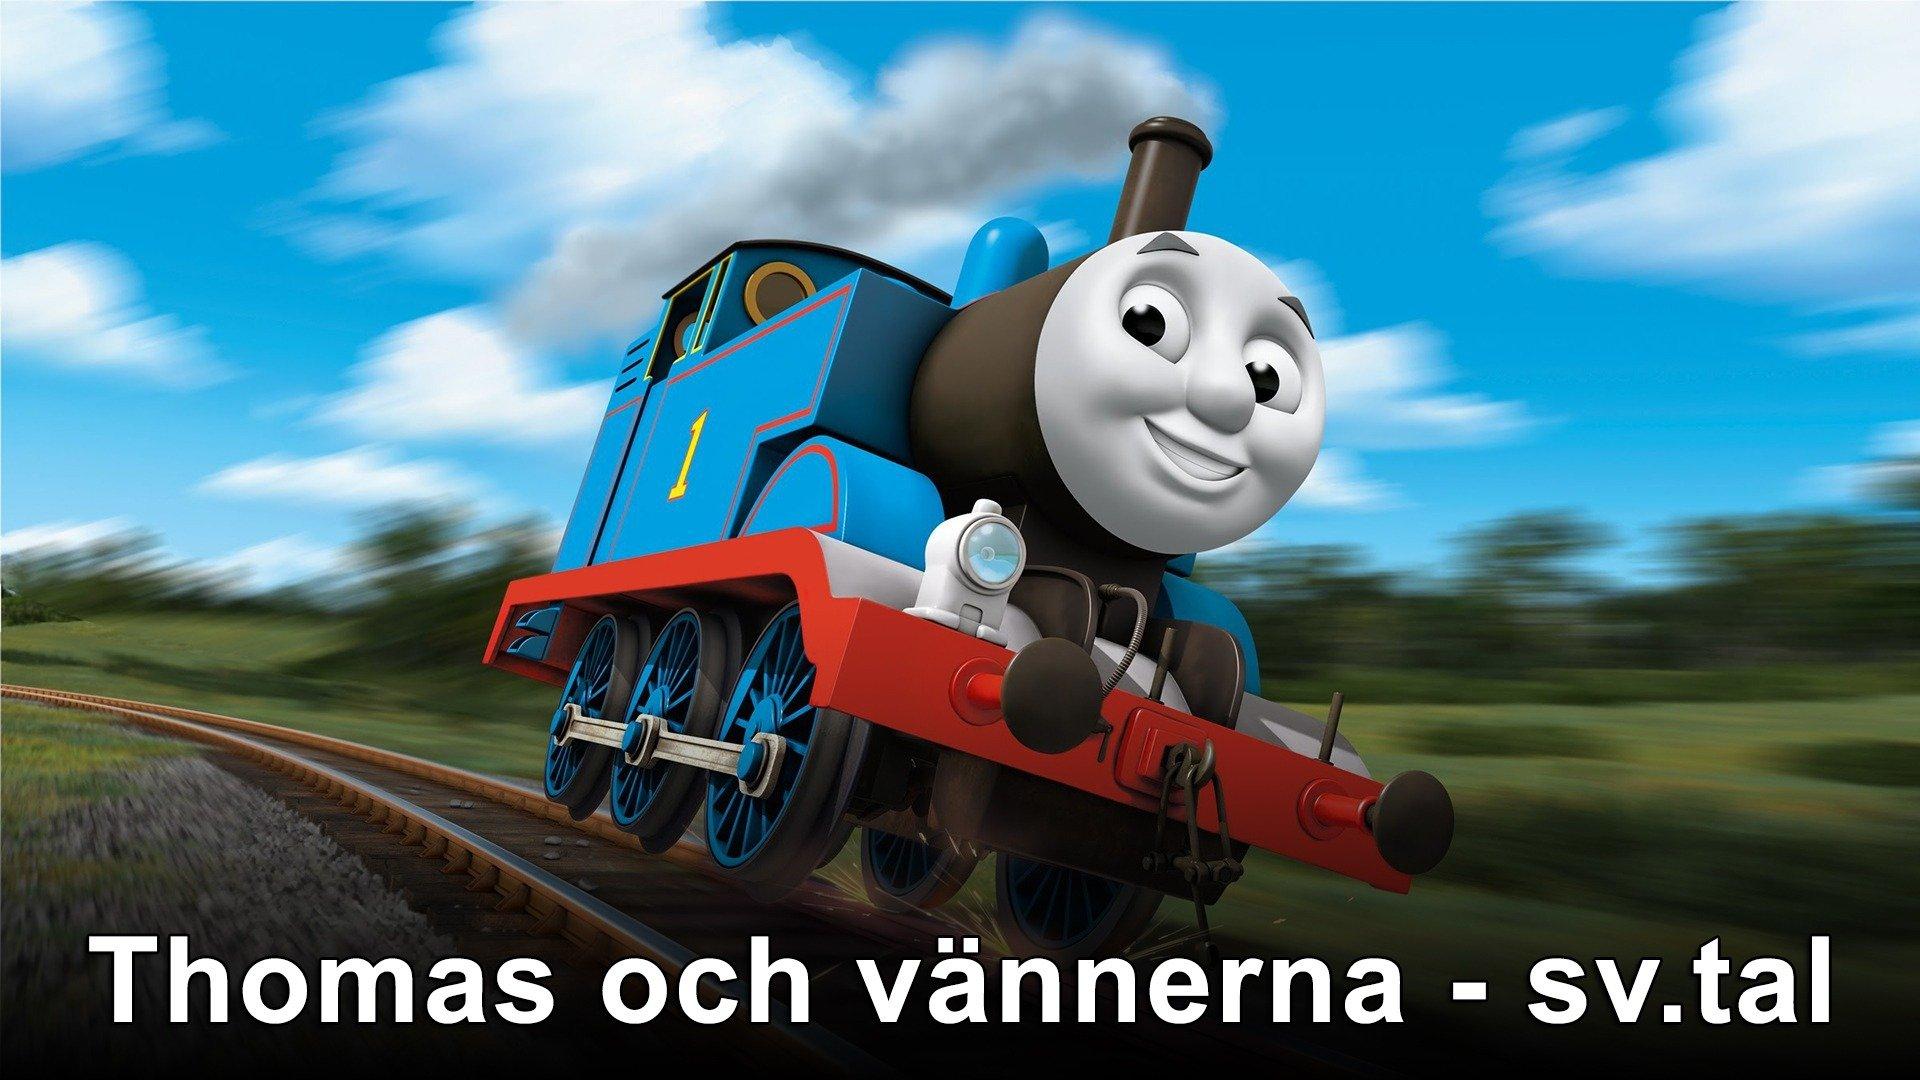 Thomas och vännerna - sv.tal